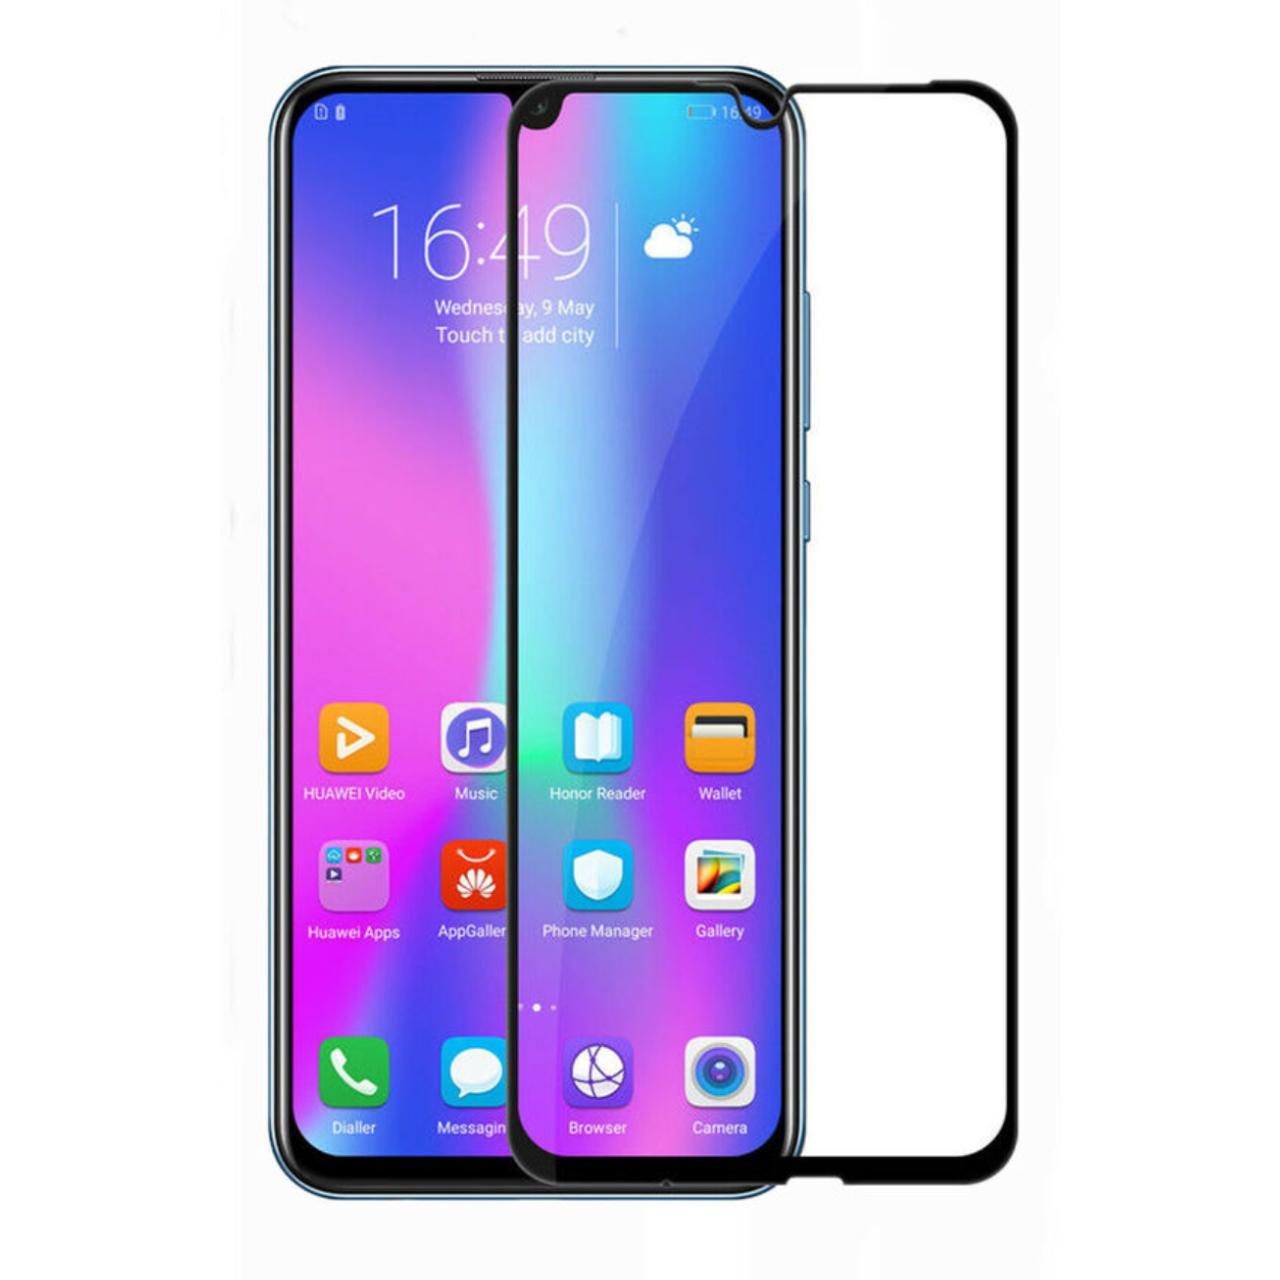 محافظ صفحه نمایش نیکسو مدل FG مناسب برای گوشی موبایل هوآوی Honor 10 Lite